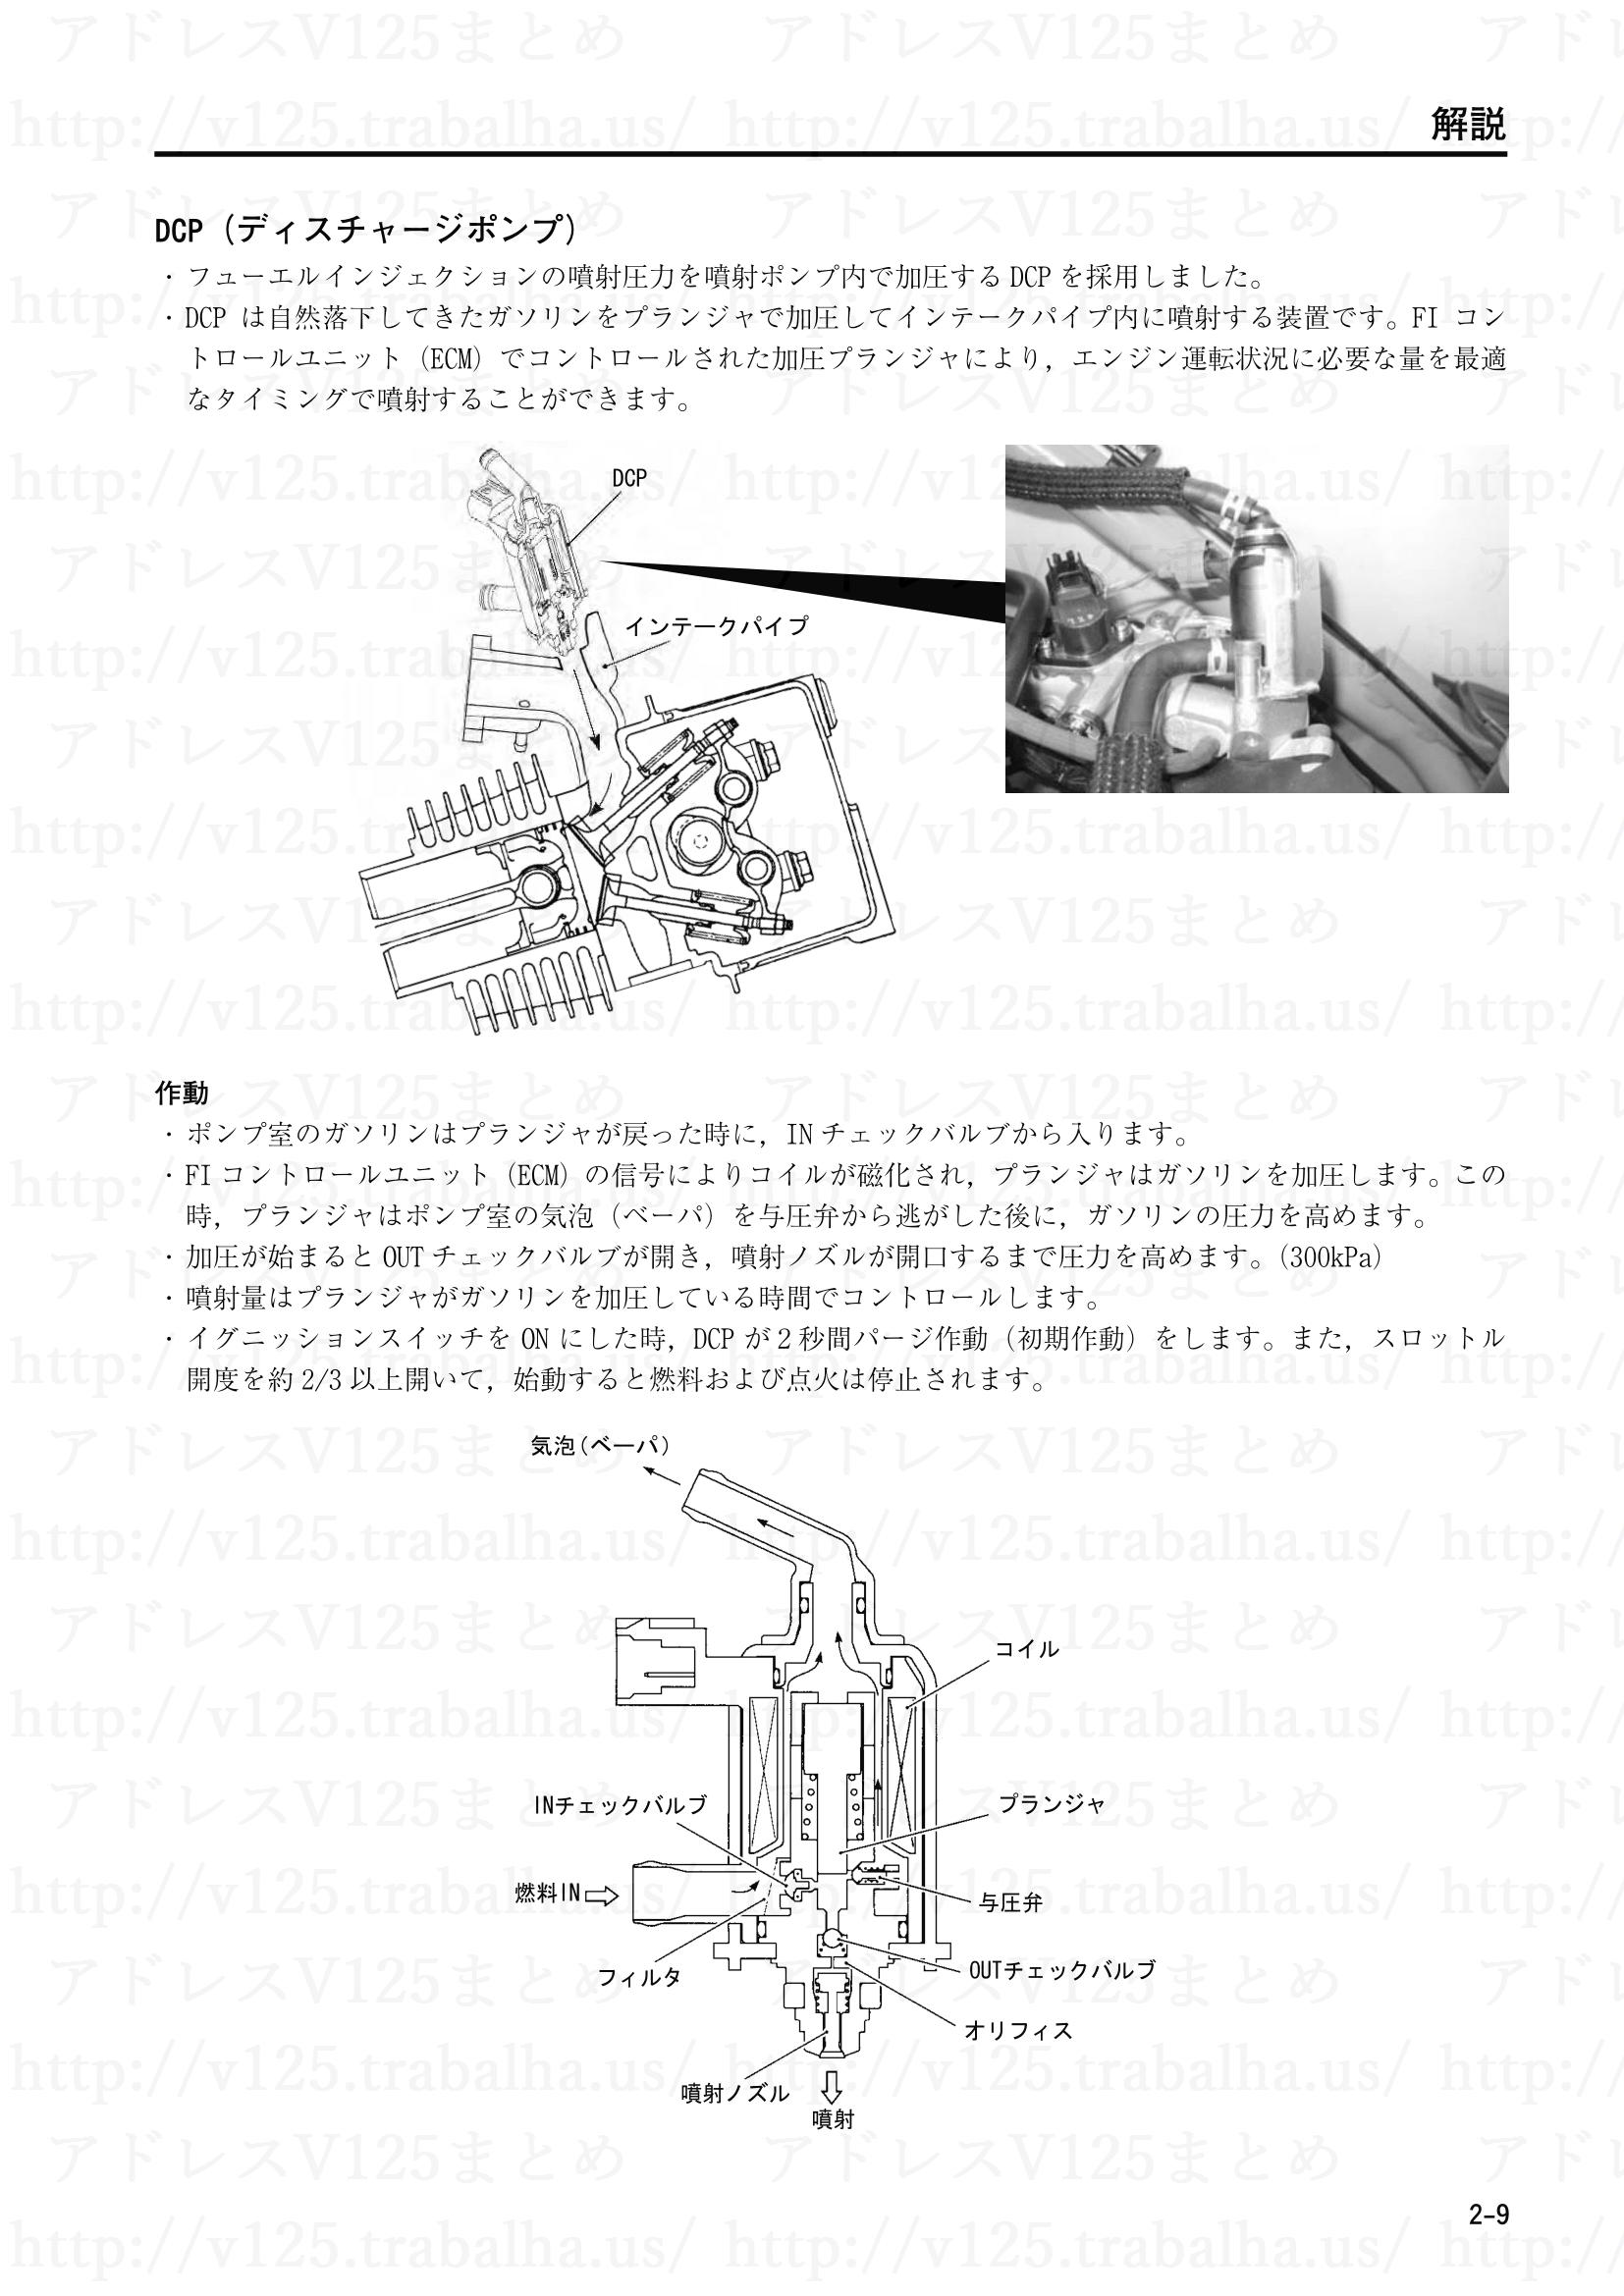 2-9【解説】ディスチャージポンプ